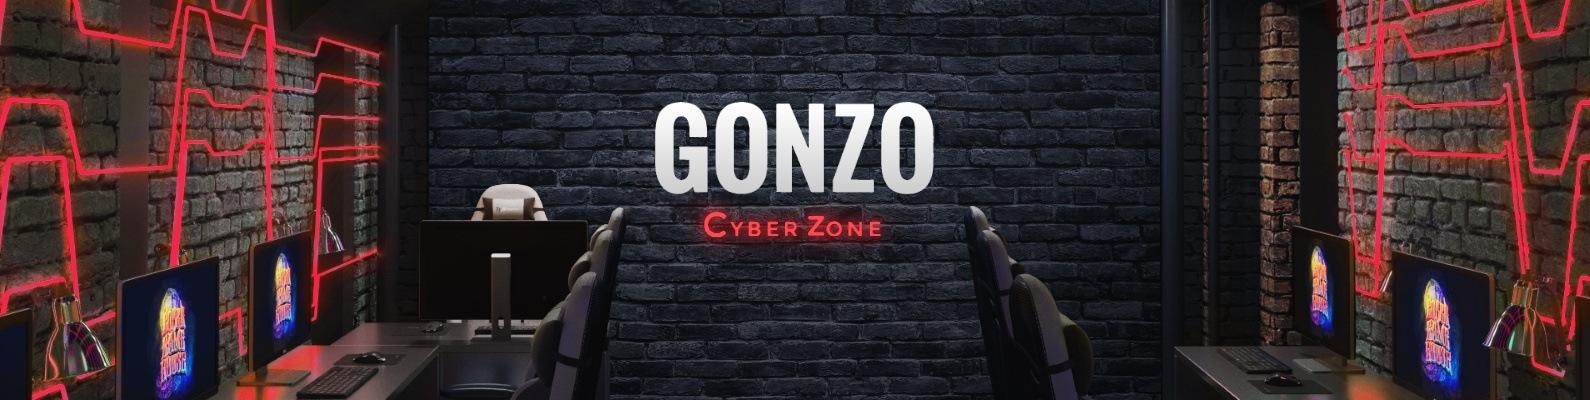 Gonzo Vk